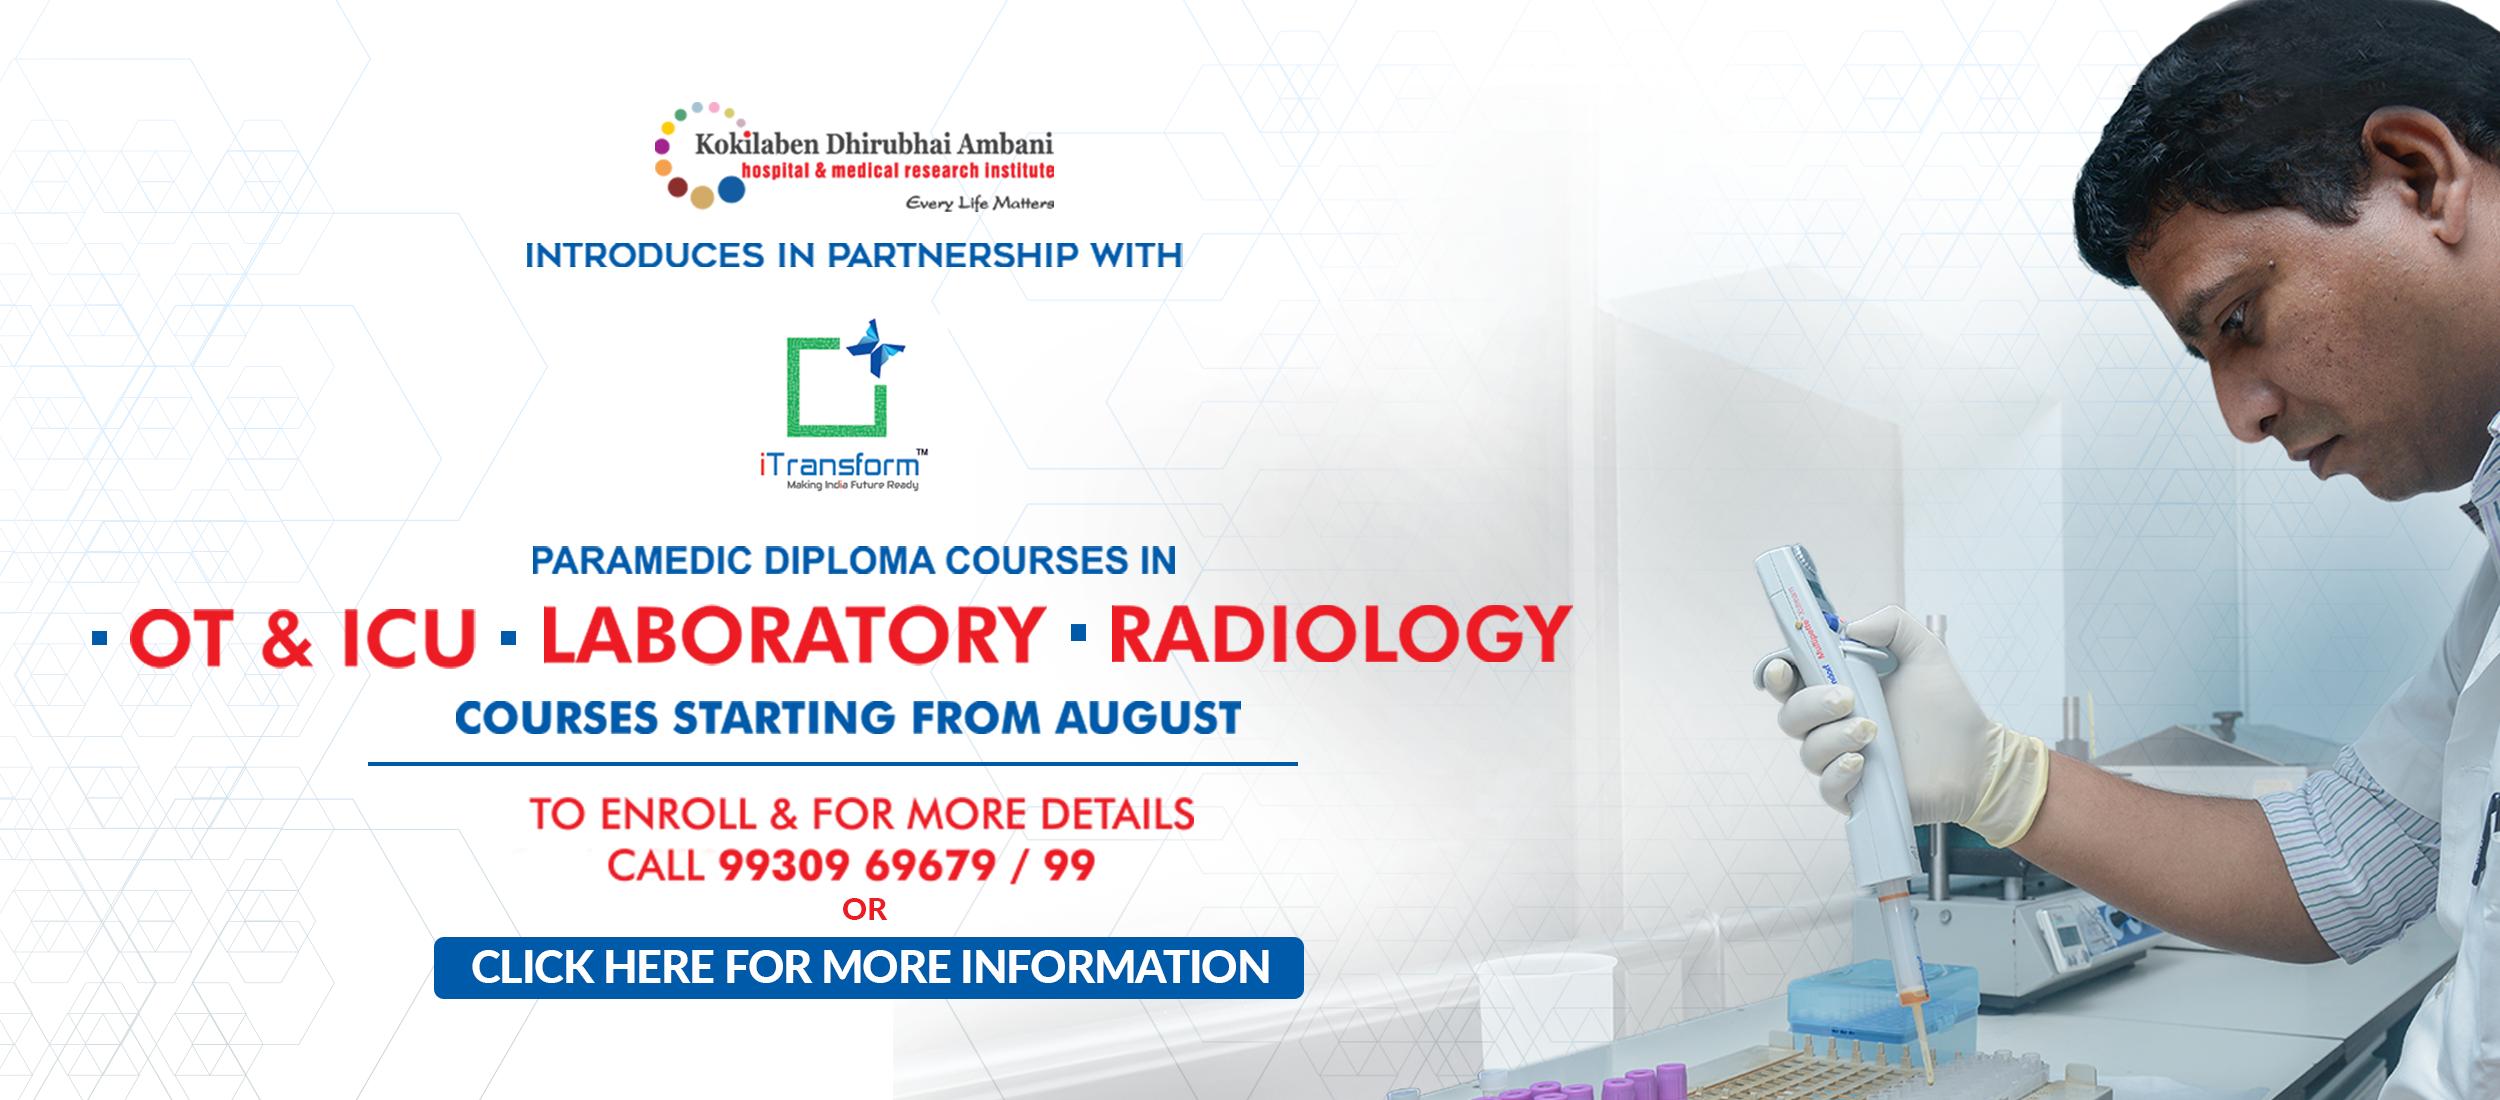 Kokilaben Dhirubhai Ambani Hospital - Paramedic Diploma Courses in OT & ICU, Laboratory and Radiology